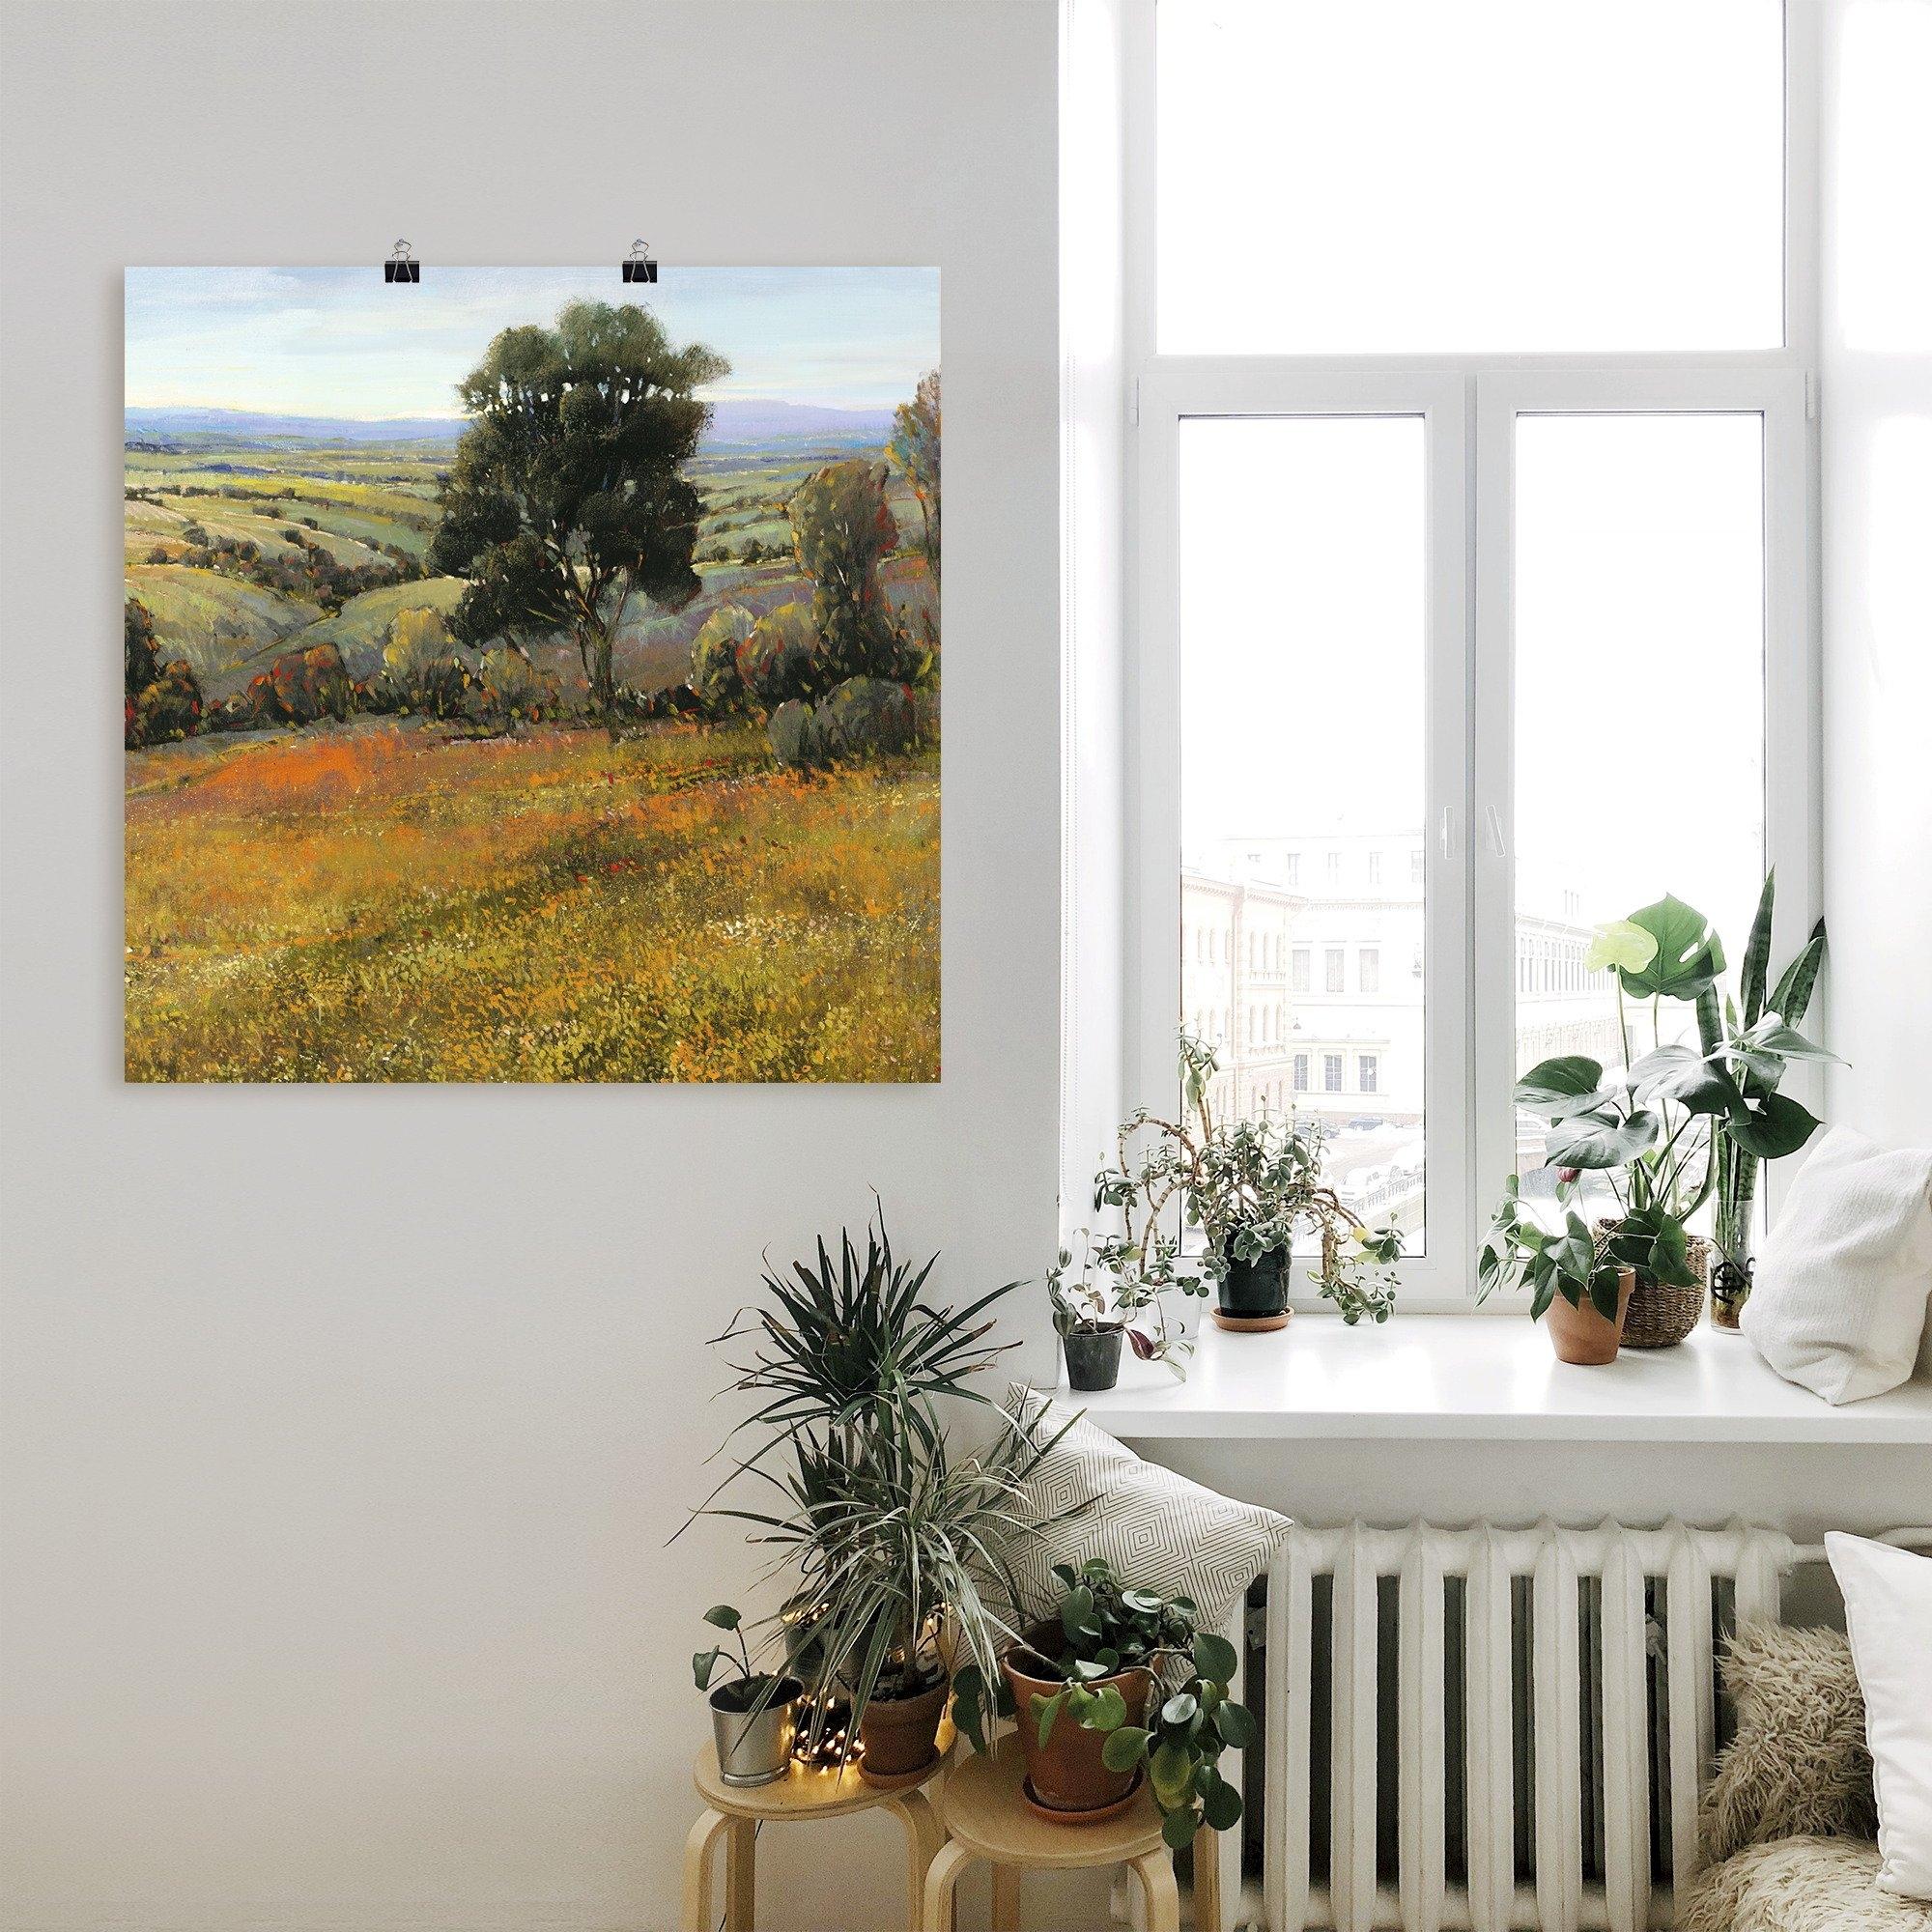 Op zoek naar een Artland artprint Veld in de zomer in vele afmetingen & productsoorten - artprint van aluminium / artprint voor buiten, artprint op linnen, poster, muursticker / wandfolie ook geschikt voor de badkamer (1 stuk)? Koop online bij OTTO